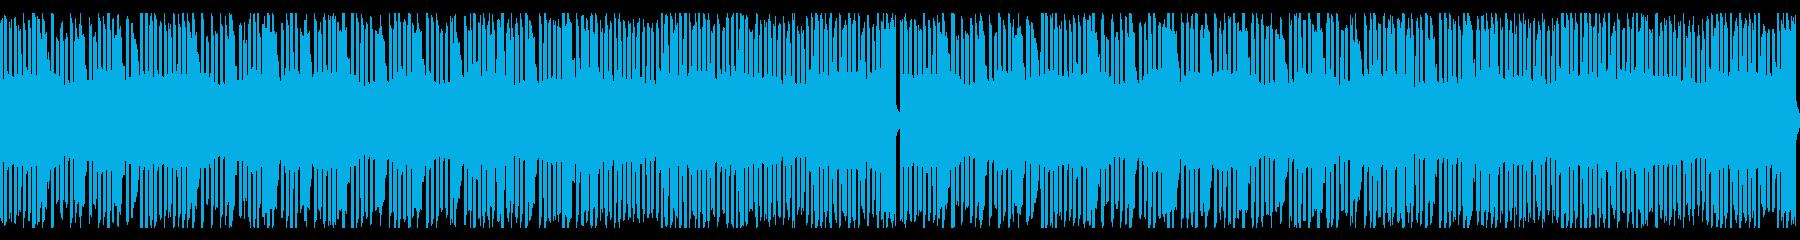 8bit風音源のループ楽曲の再生済みの波形